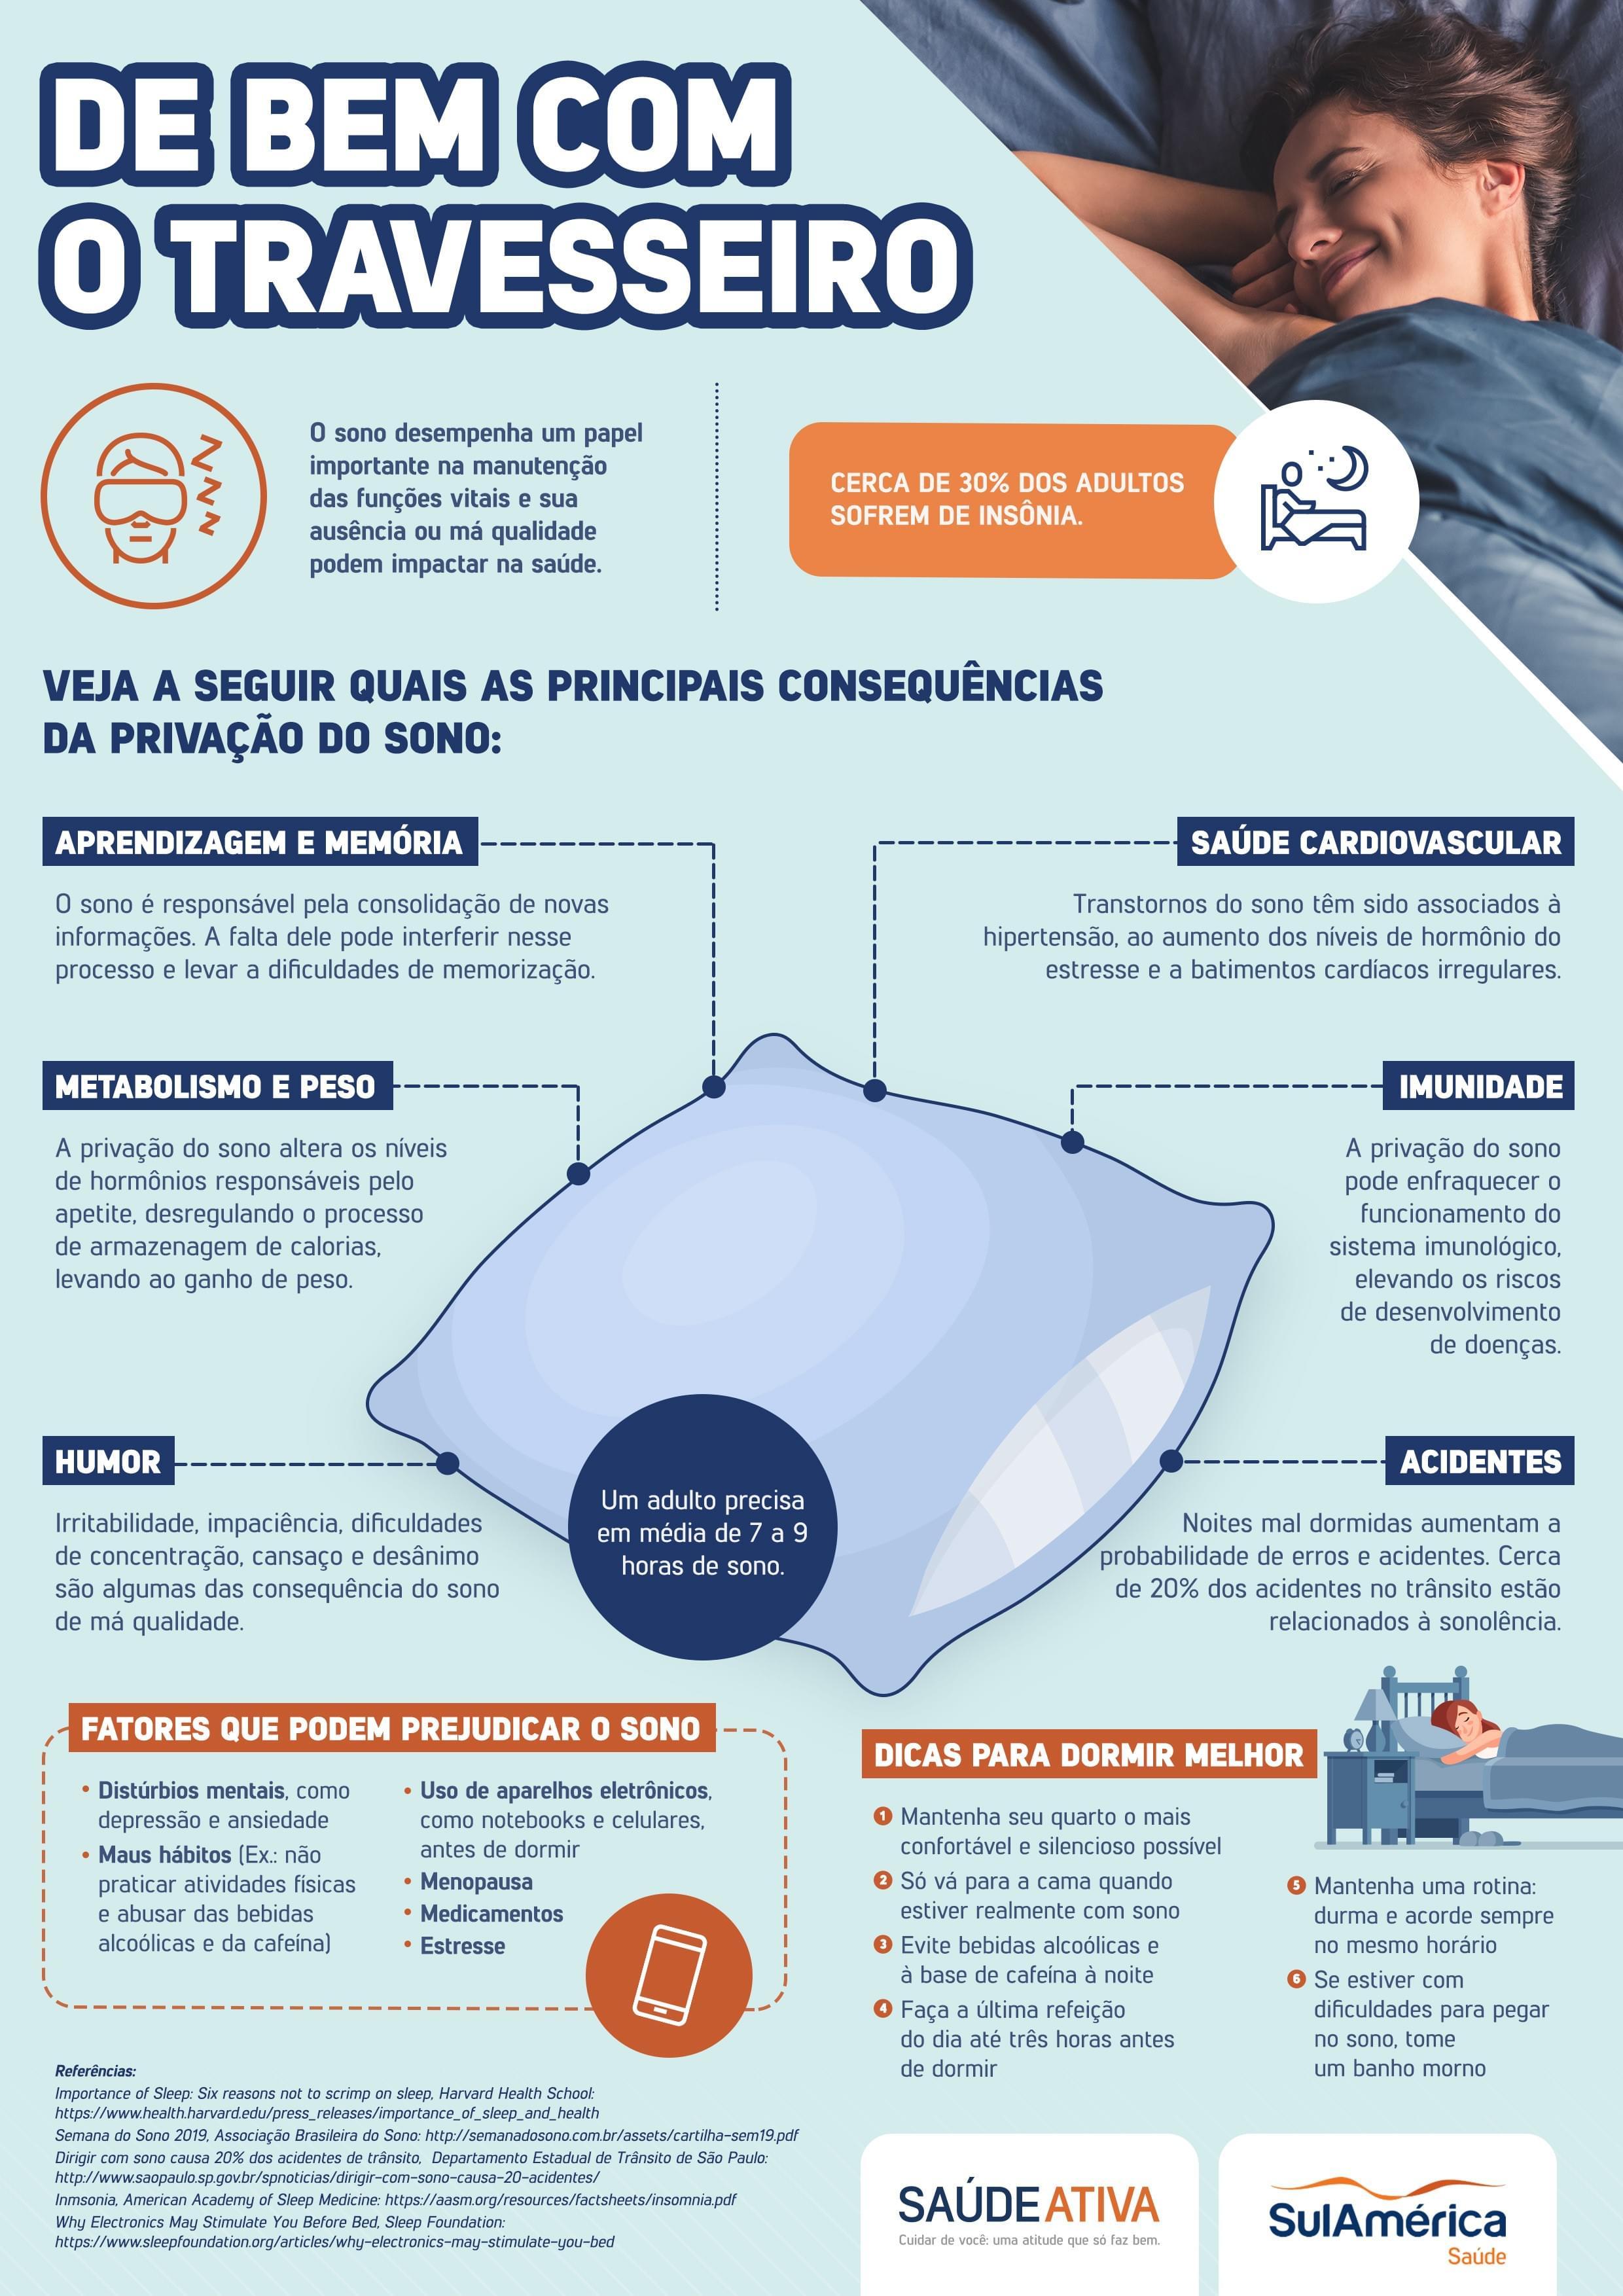 Consequências privação do sono